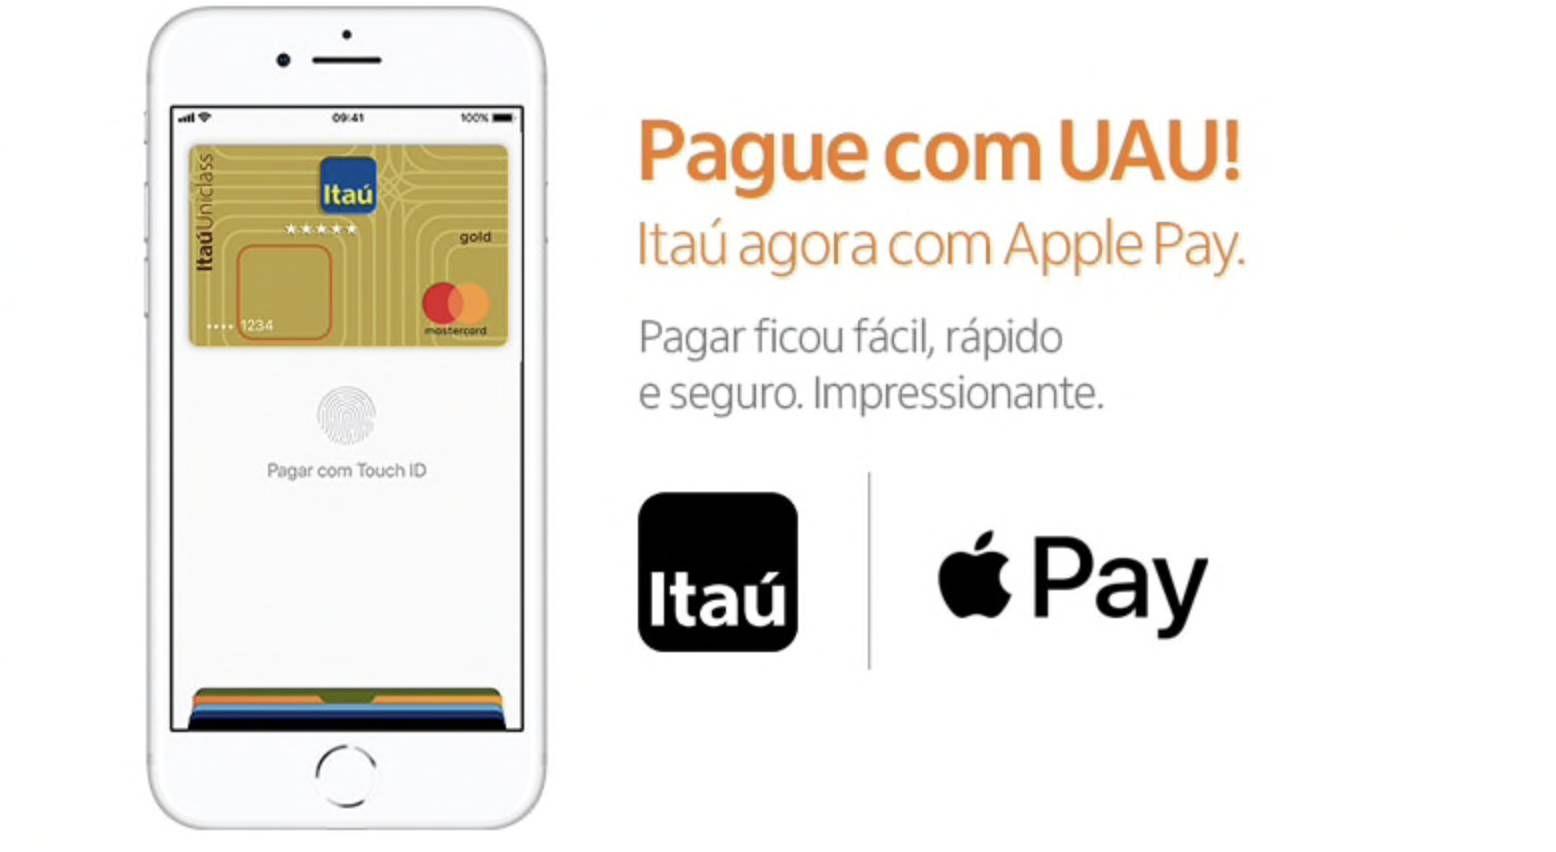 Cartões de crédito do Itaú agora são compatíveis com o Apple Pay